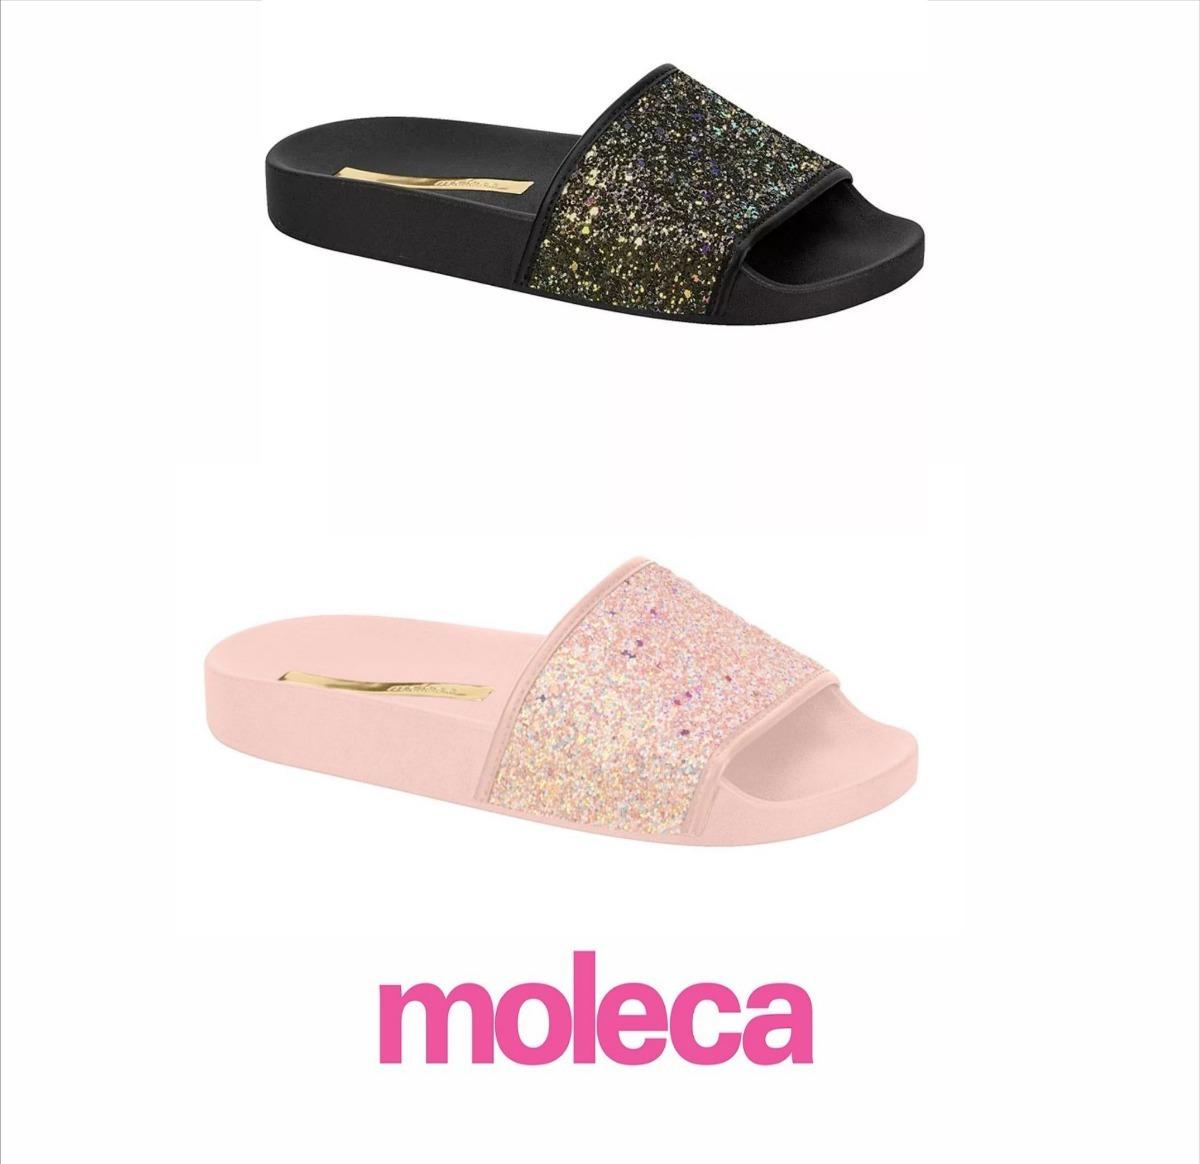 291524fea1 chinelo moleca slide glamour preto  rosa glitter 5414.107. Carregando zoom.